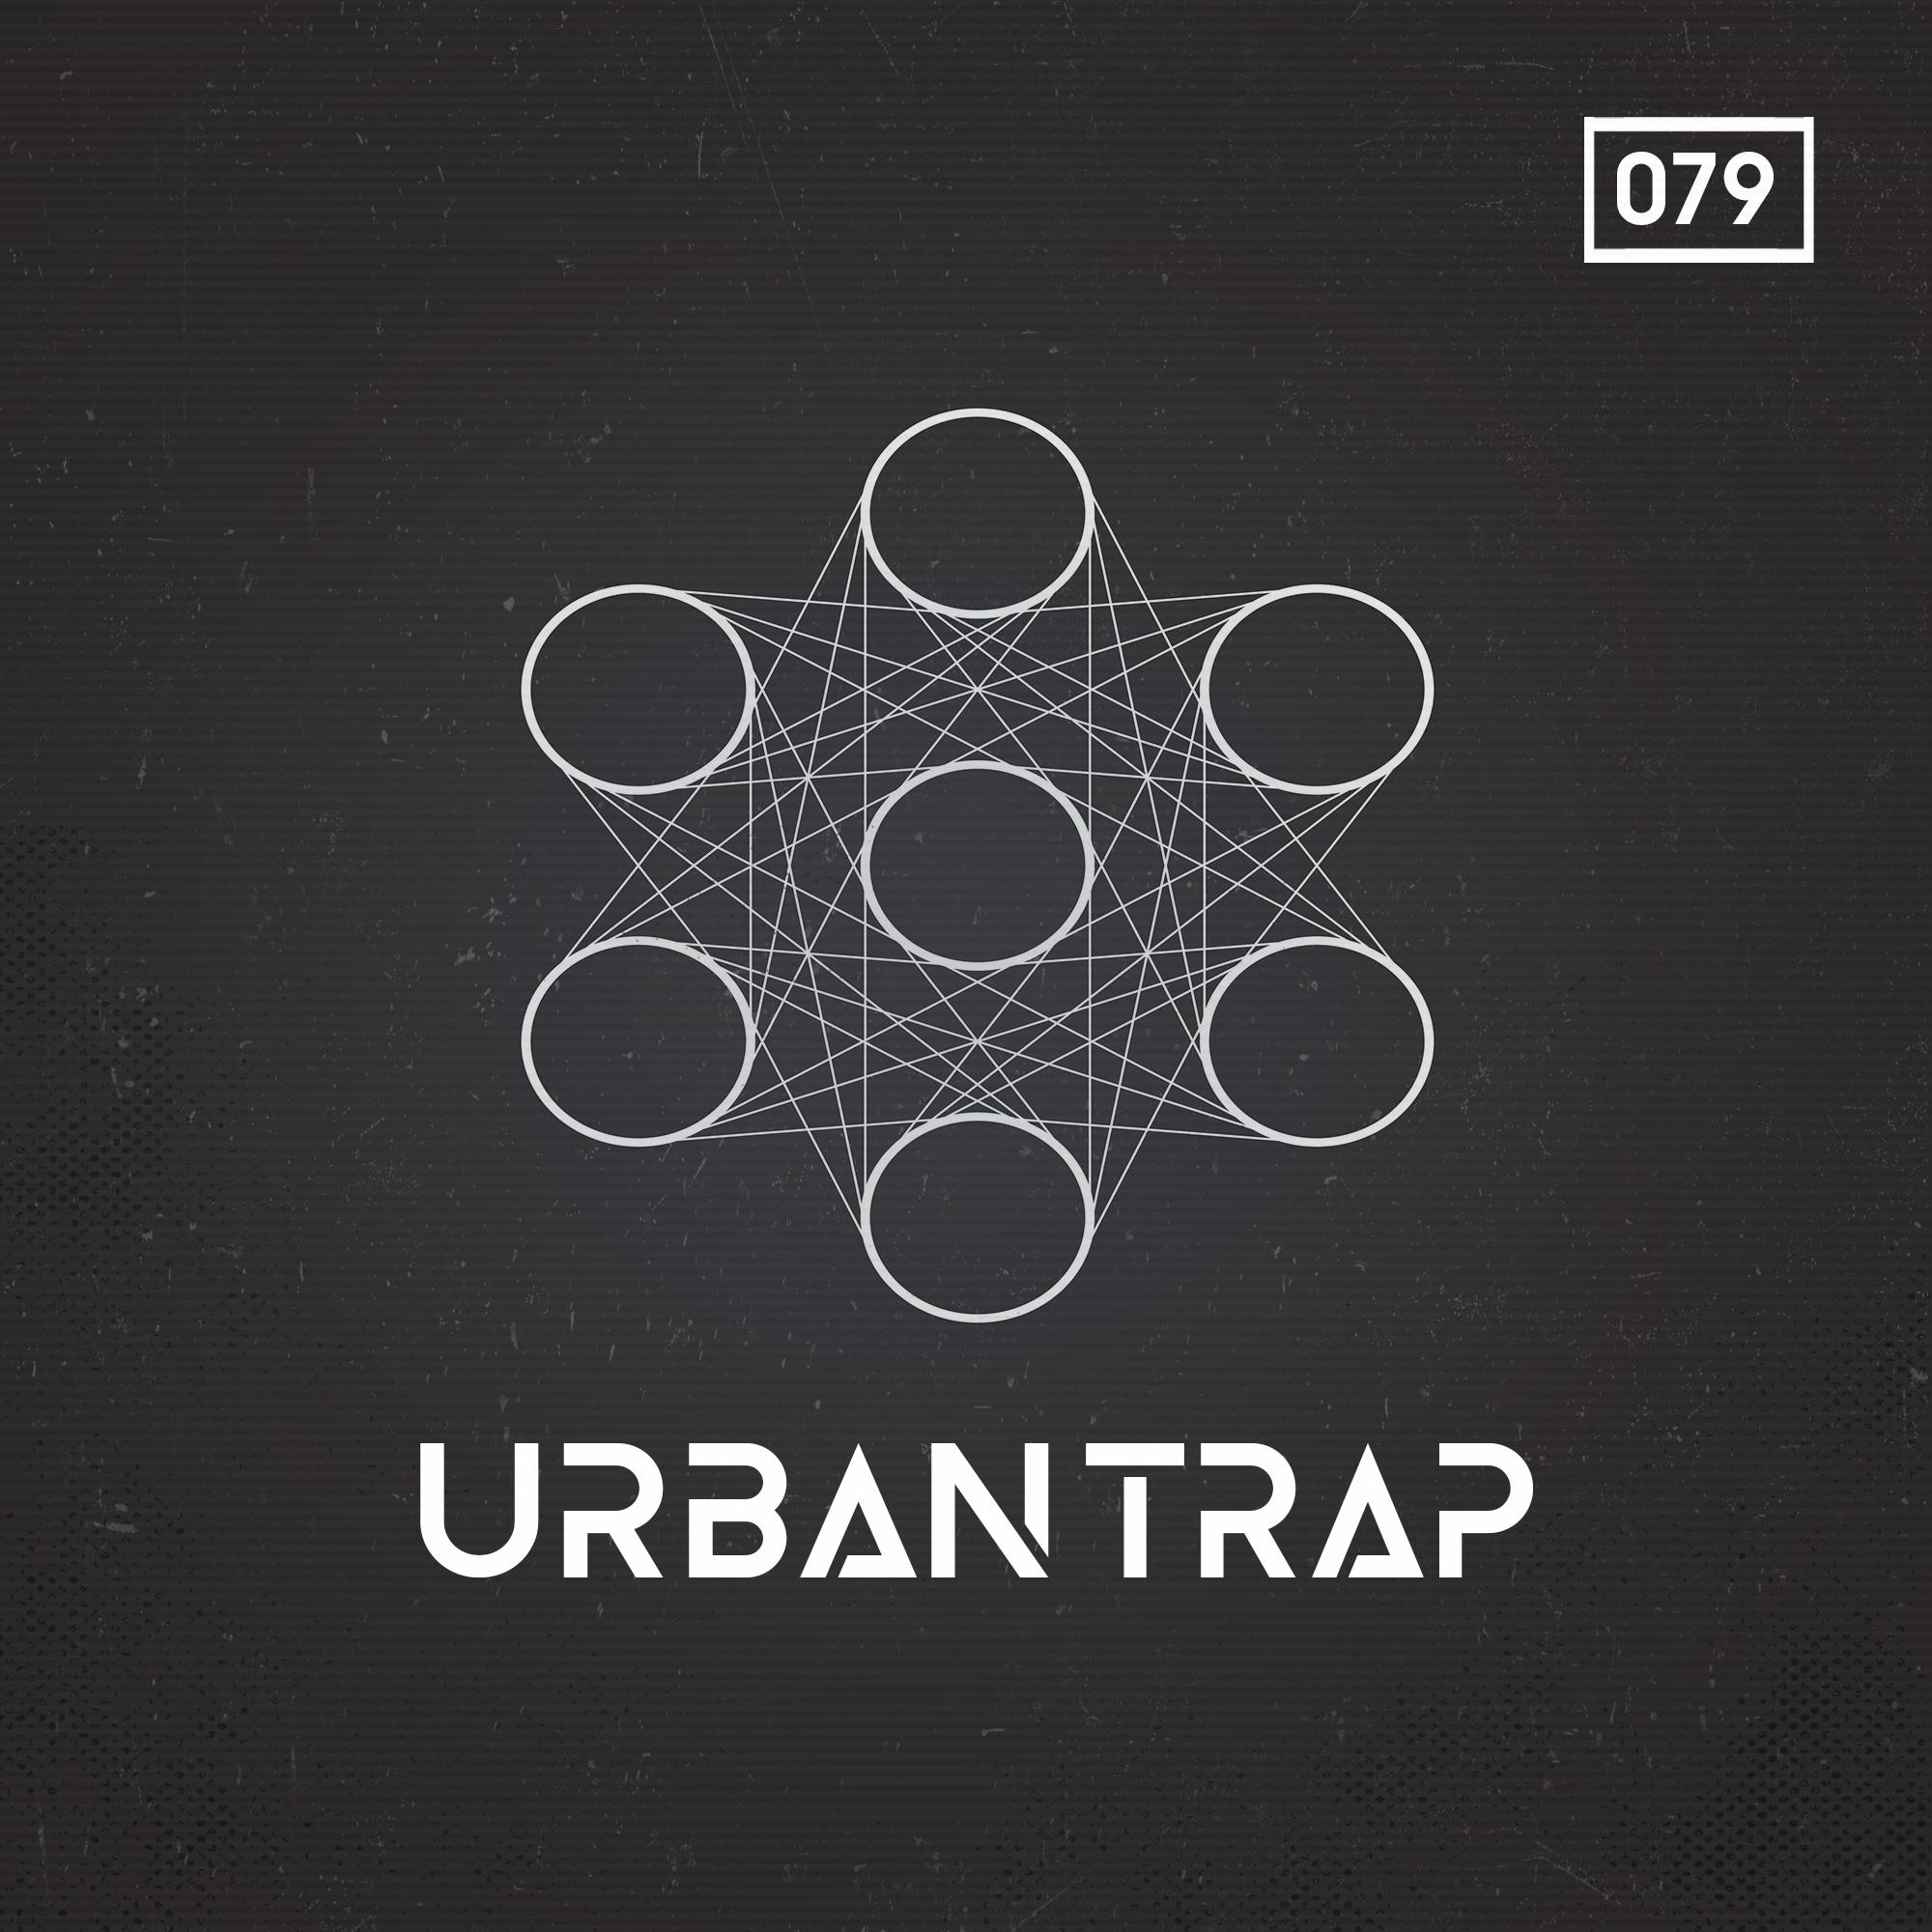 Bingoshakerz Urban Trap